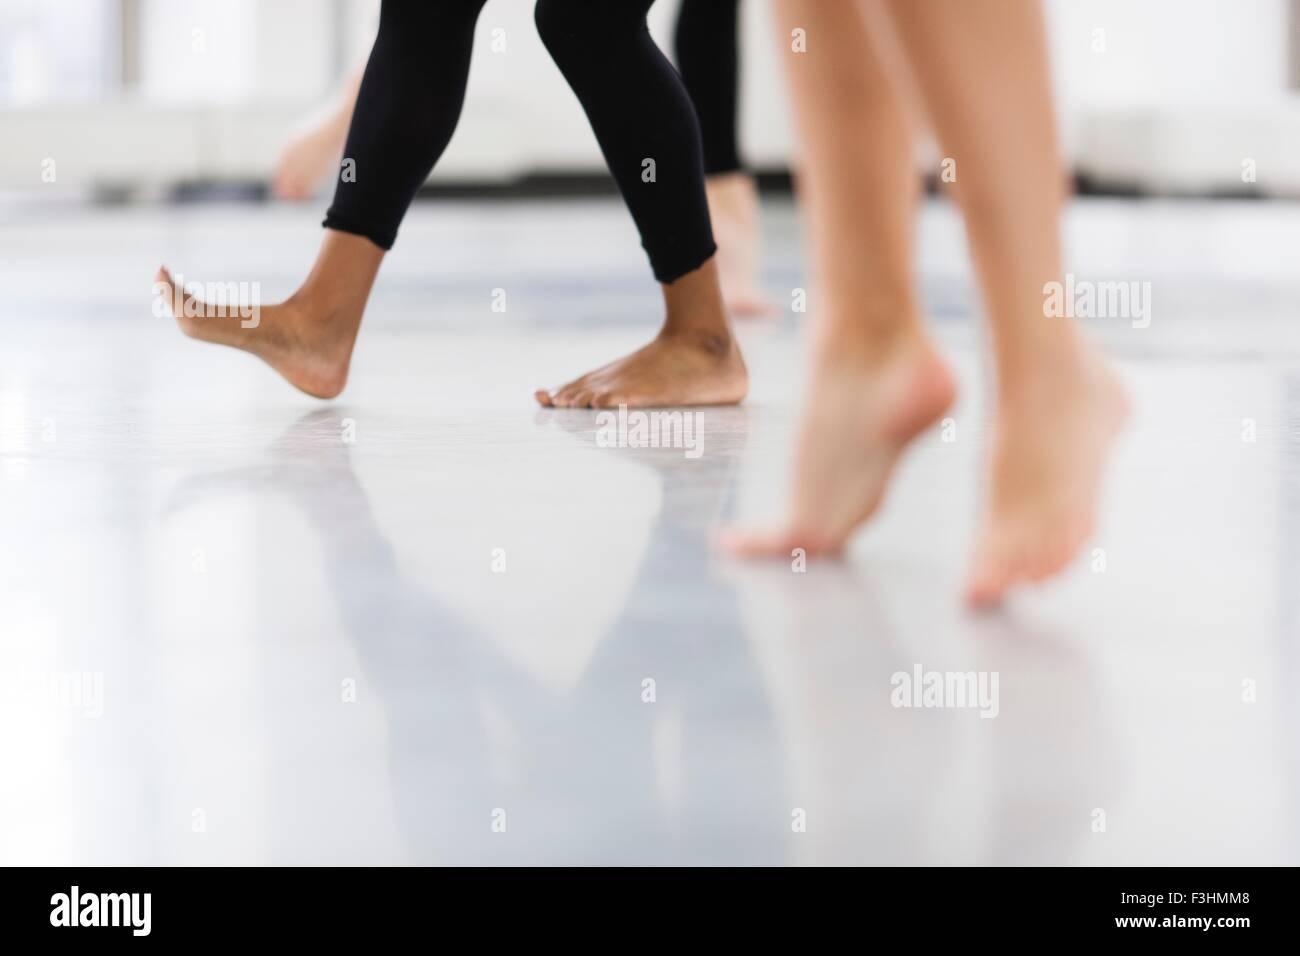 Les jambes et les pieds nus de jeunes femmes danse danseurs Photo Stock